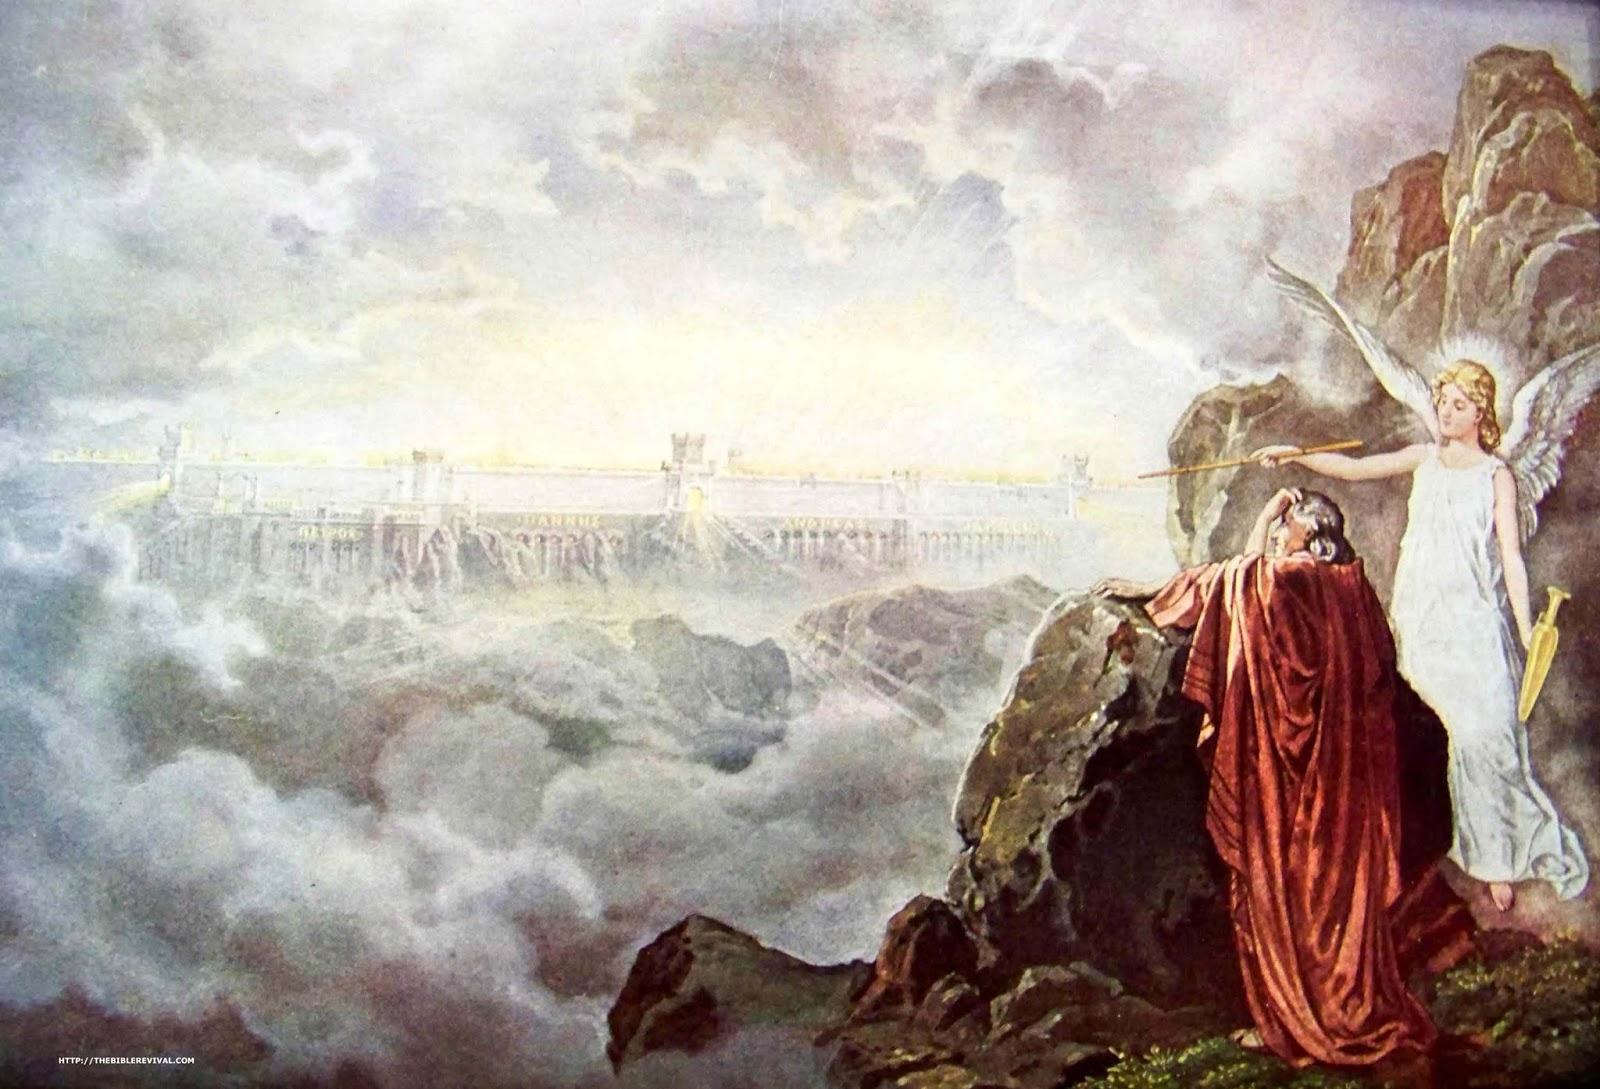 「プレ・ミレは『この世の自分の知恵』に信頼する教えである」と再建主義者